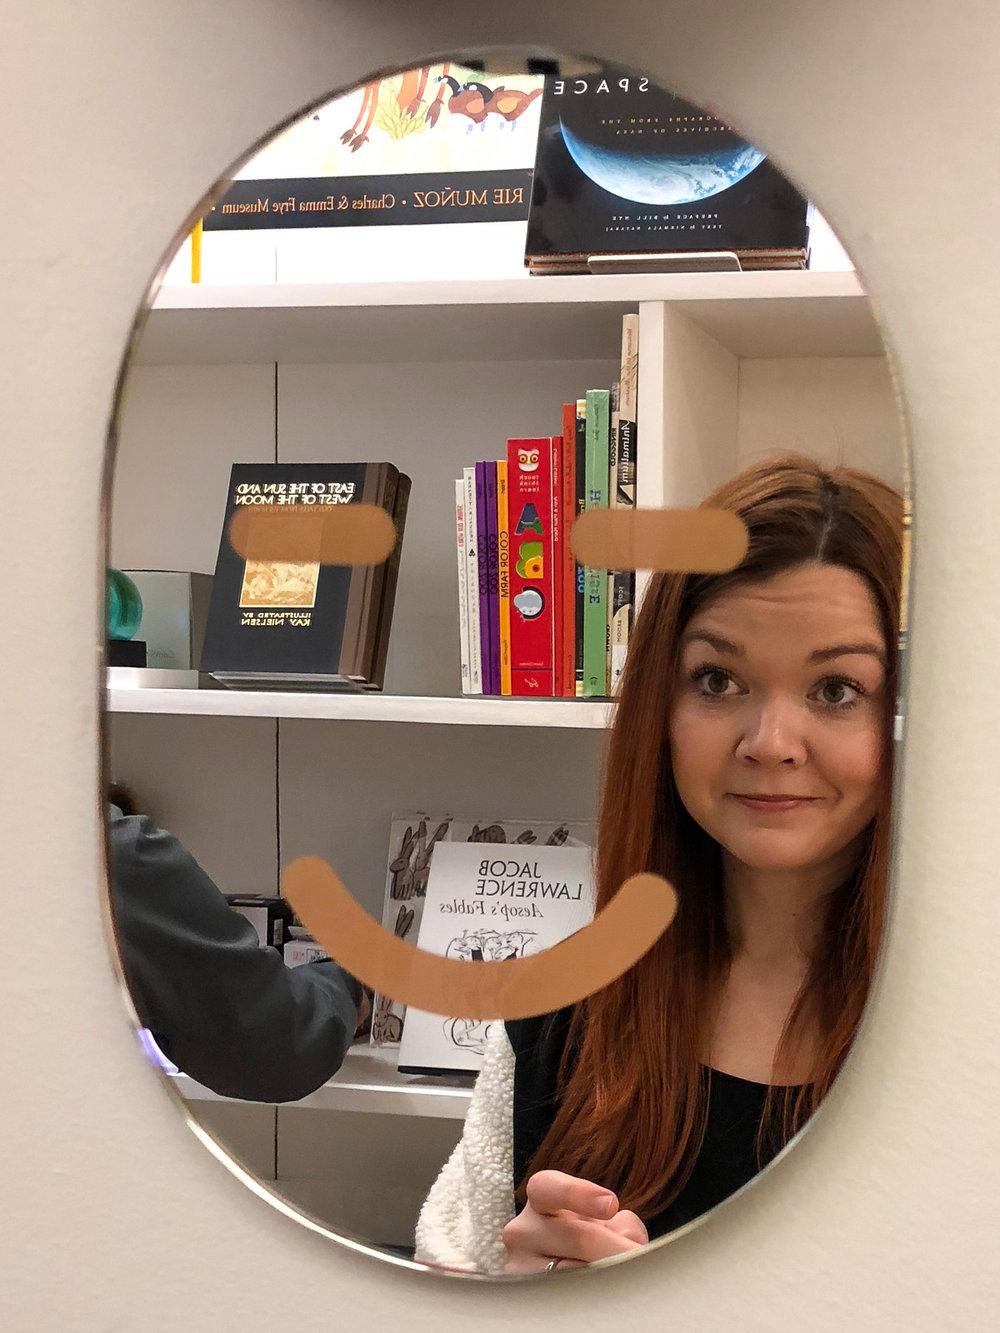 Do I need this mirror?